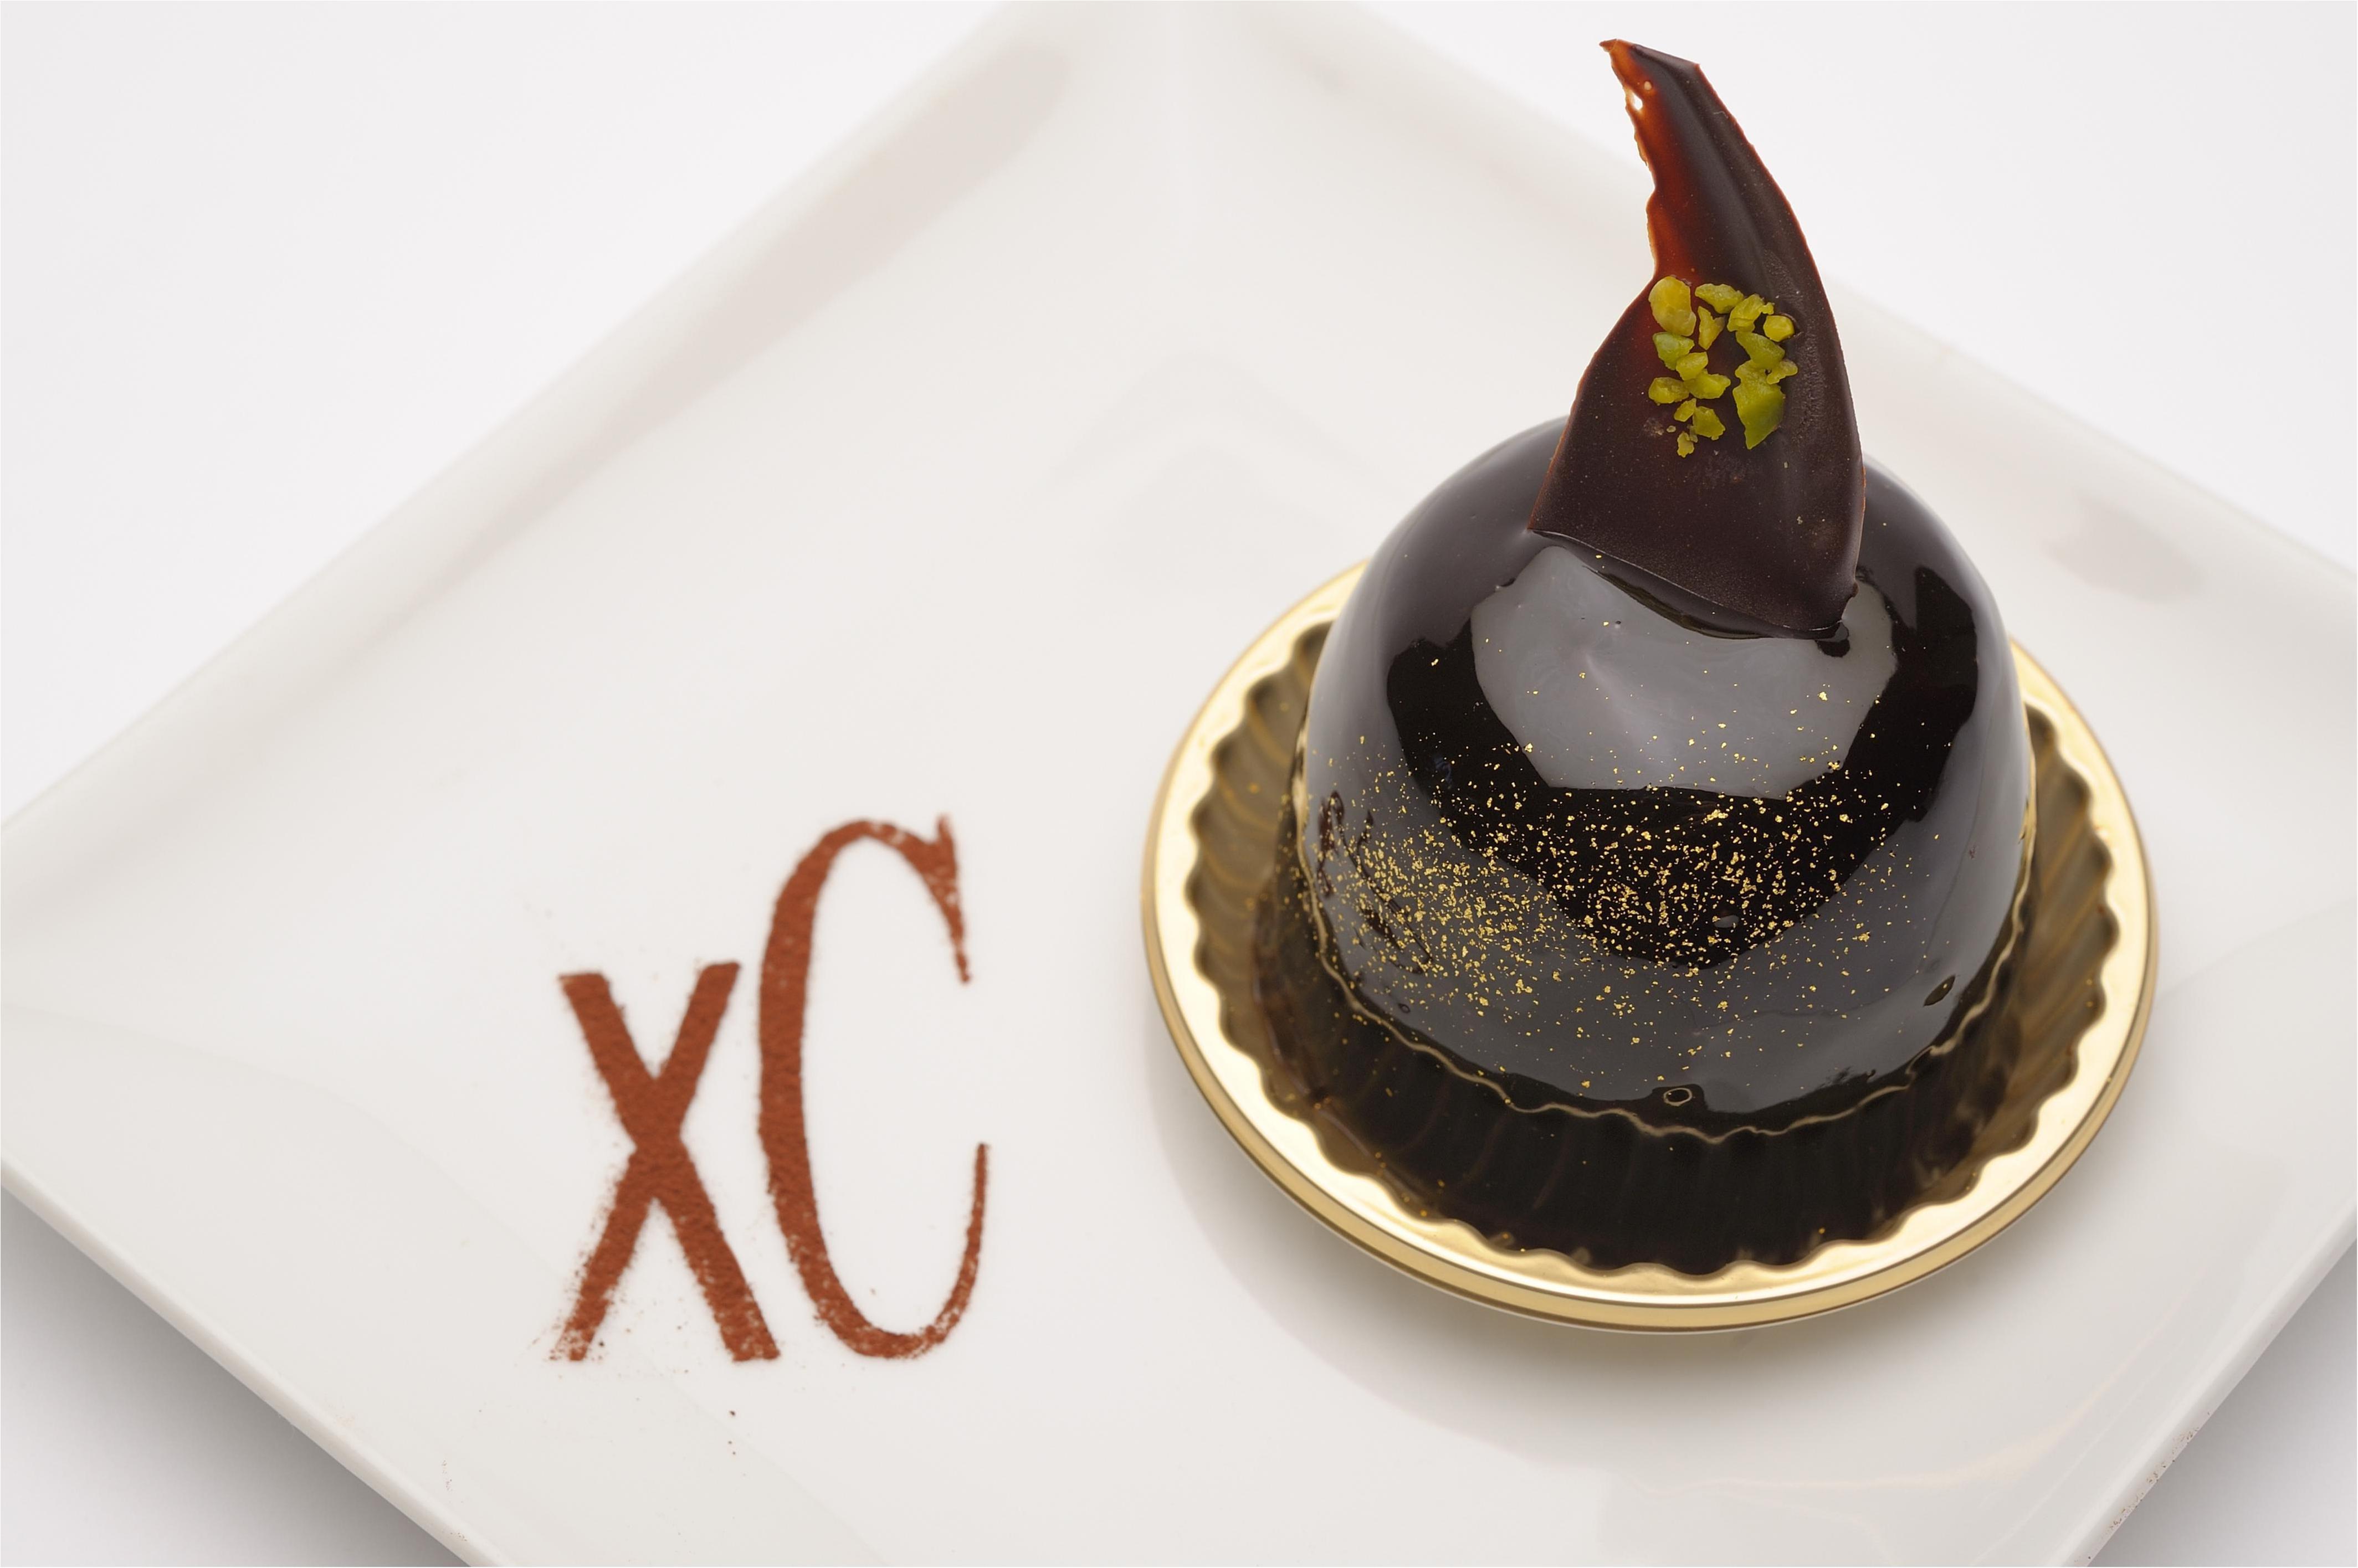 『シチズン クロスシー』のカフェが2日間限定オープン☆ スペシャルなケーキや最新モデルの試着も!_1